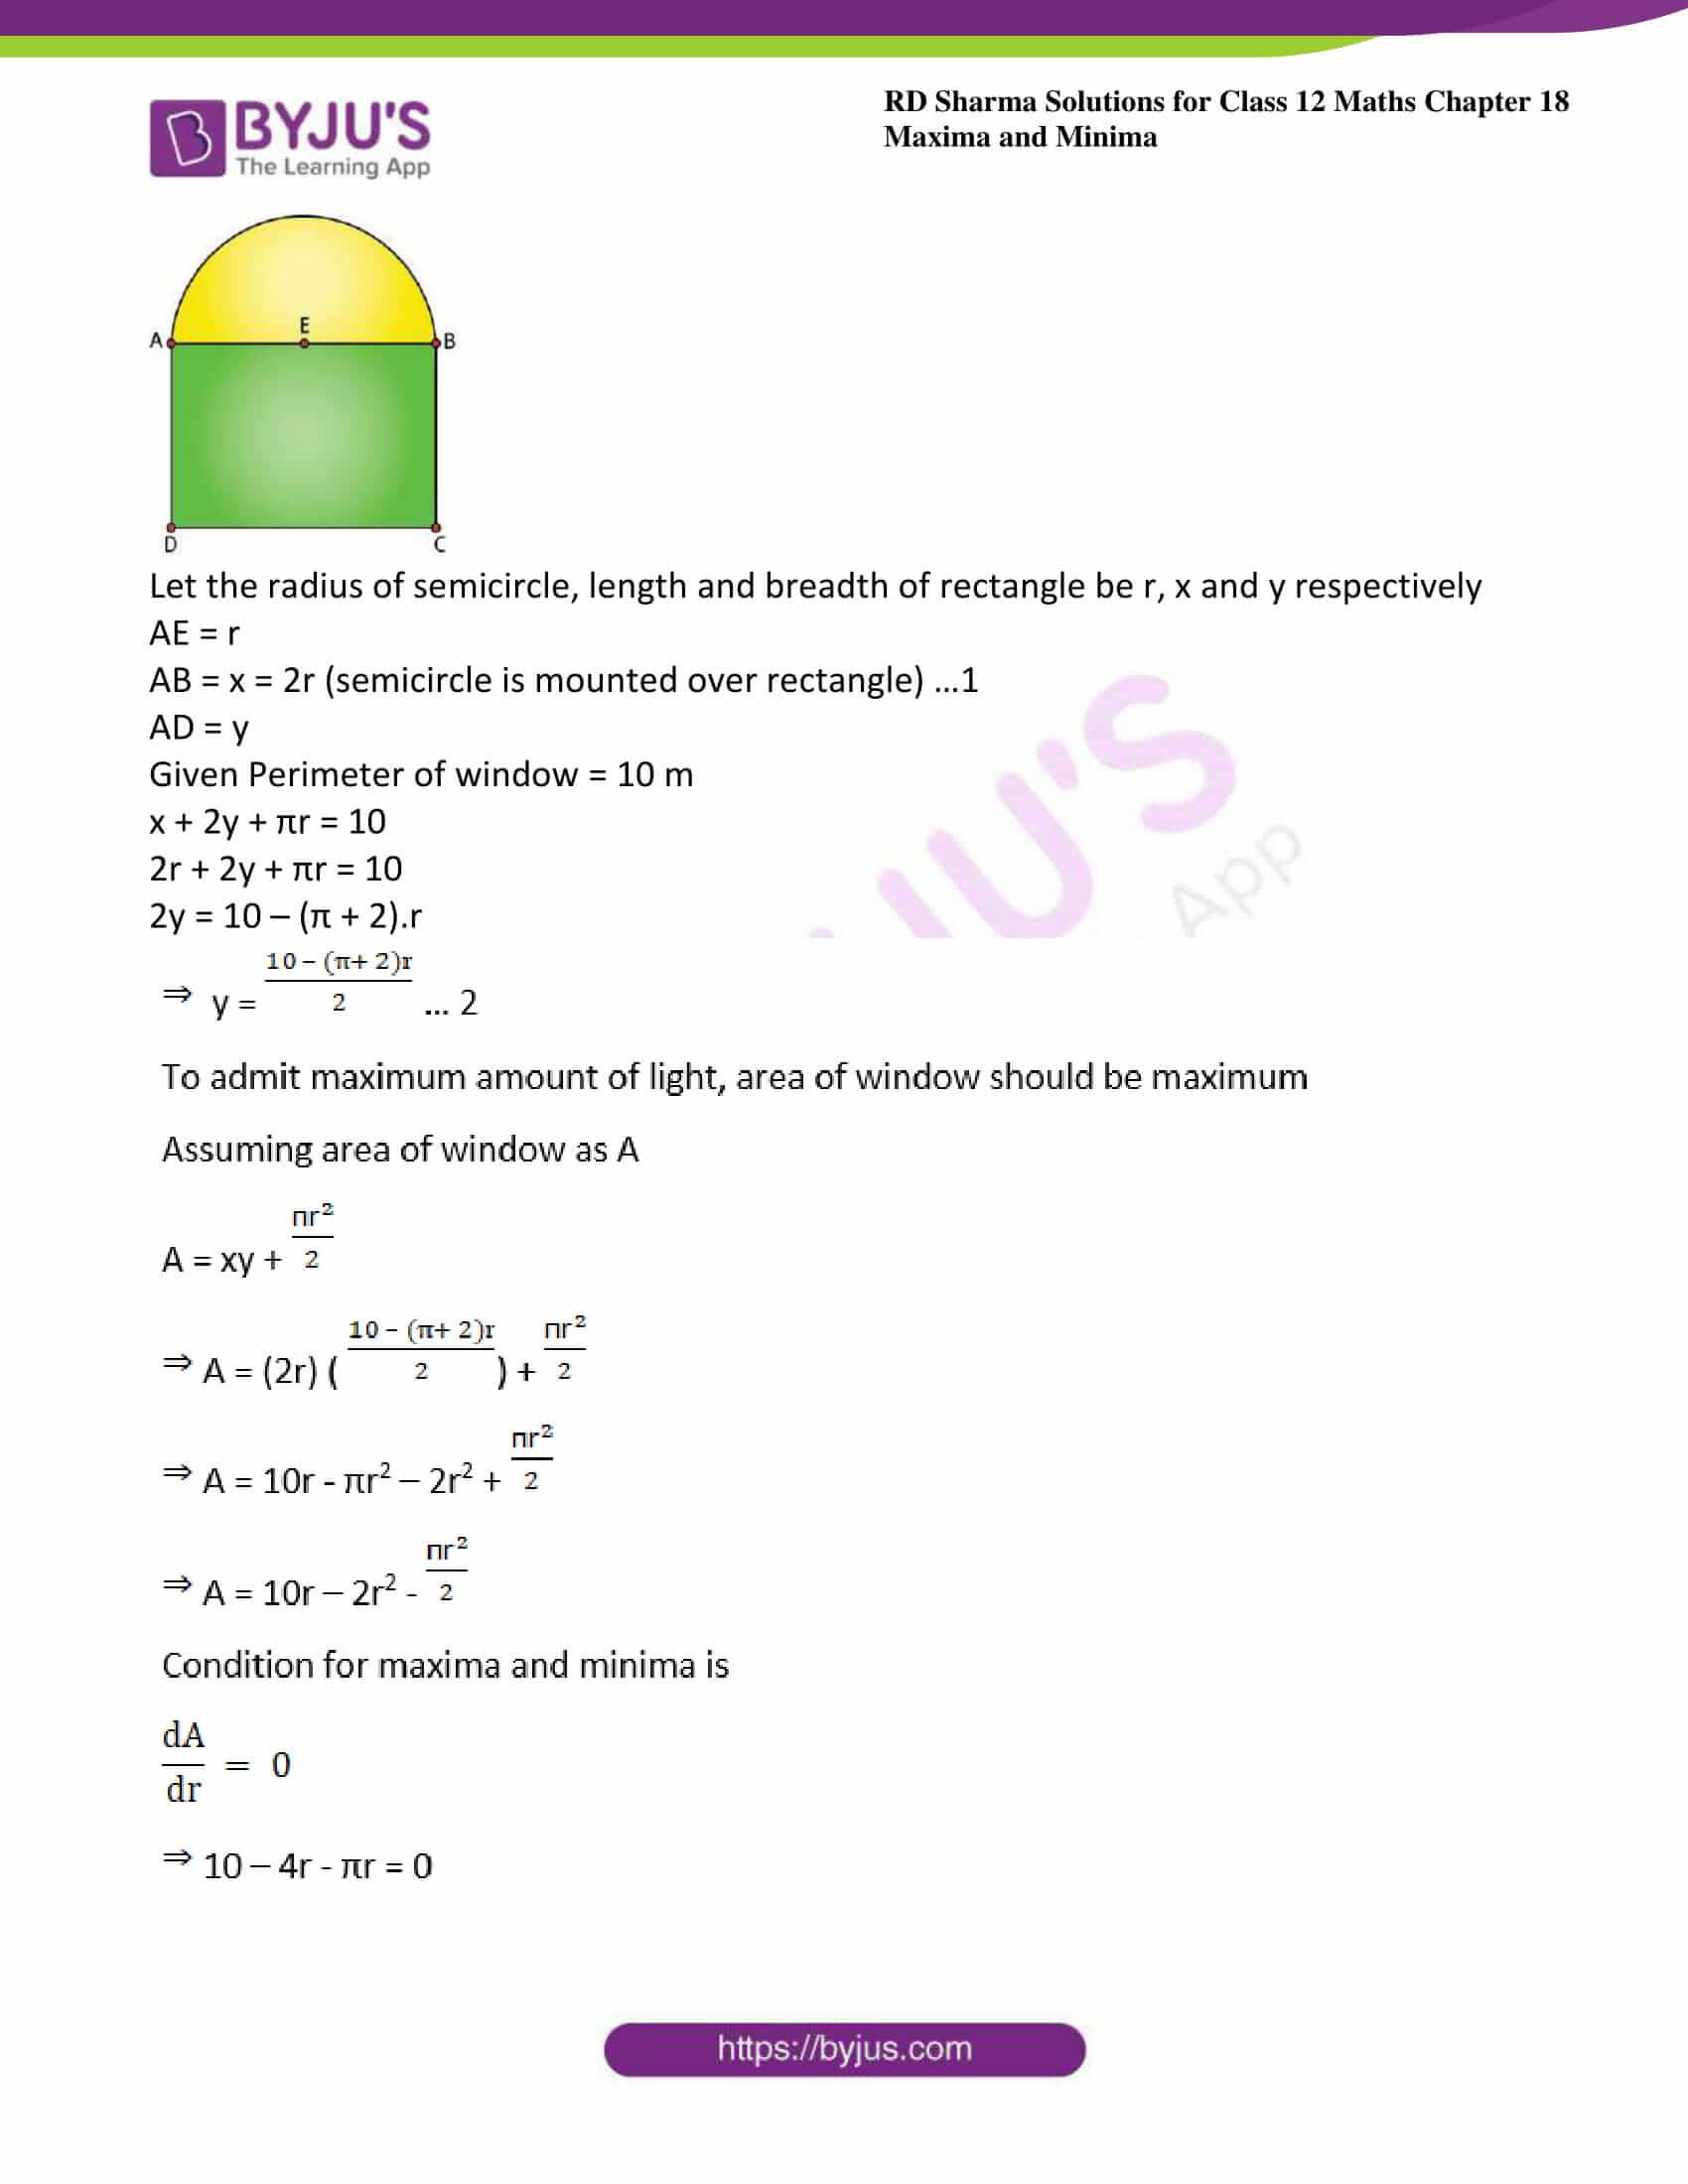 rd sharma class 12 maths sol chap 18 ex 5 20